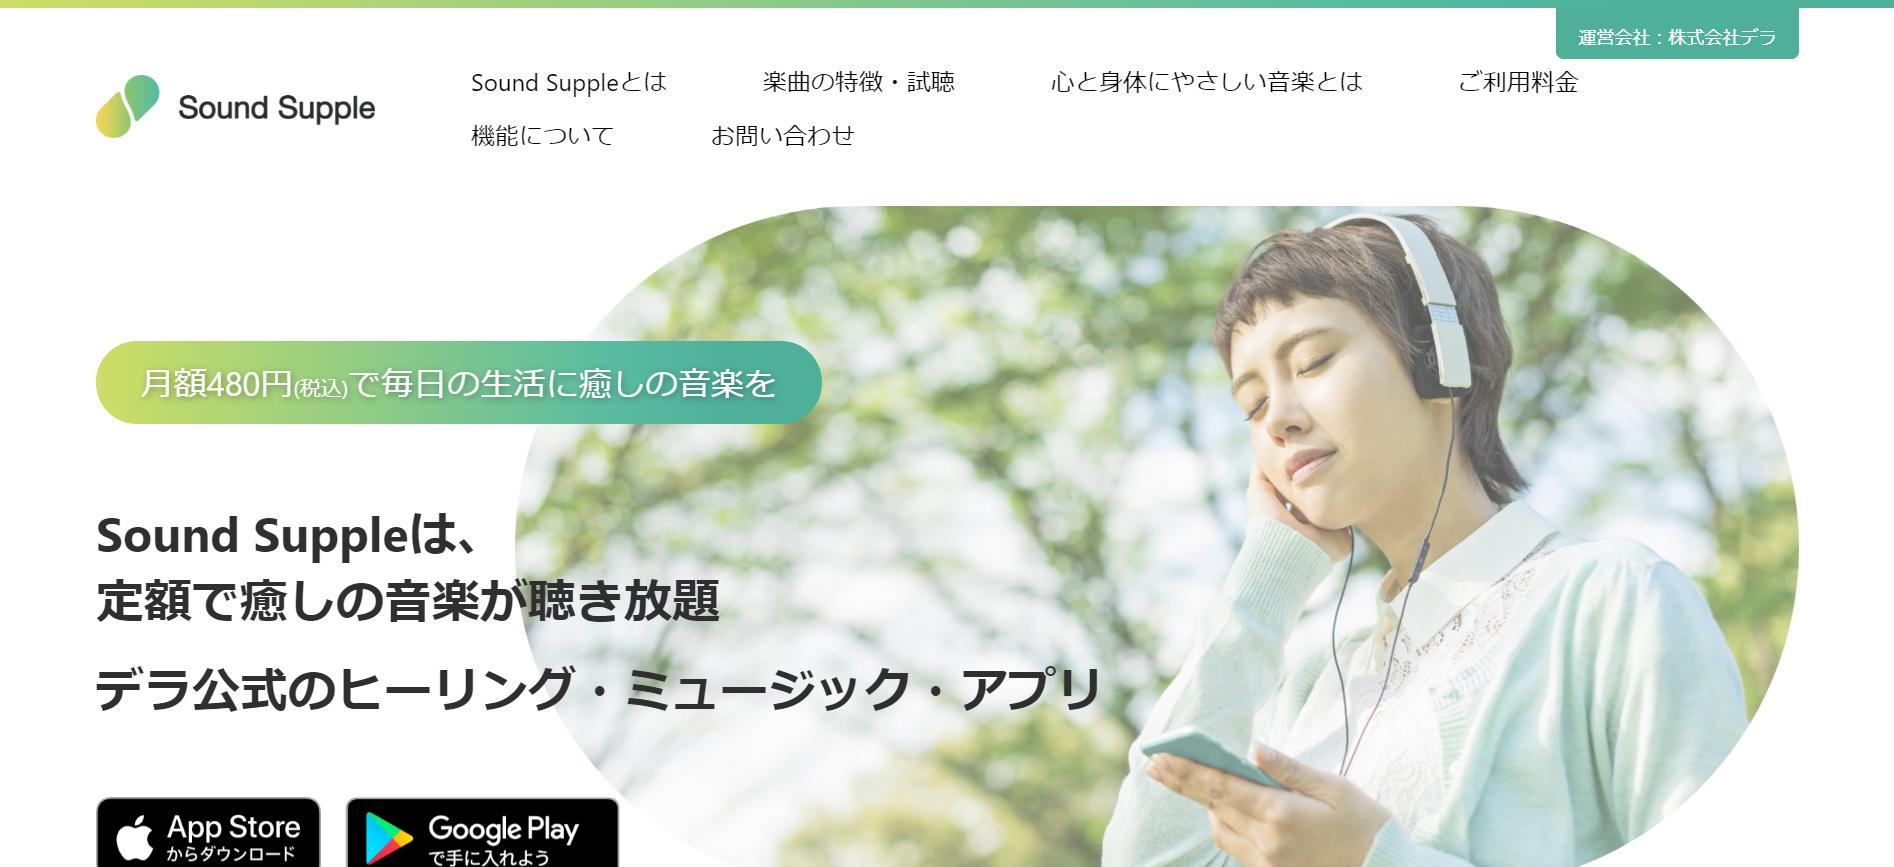 Sound-Supple